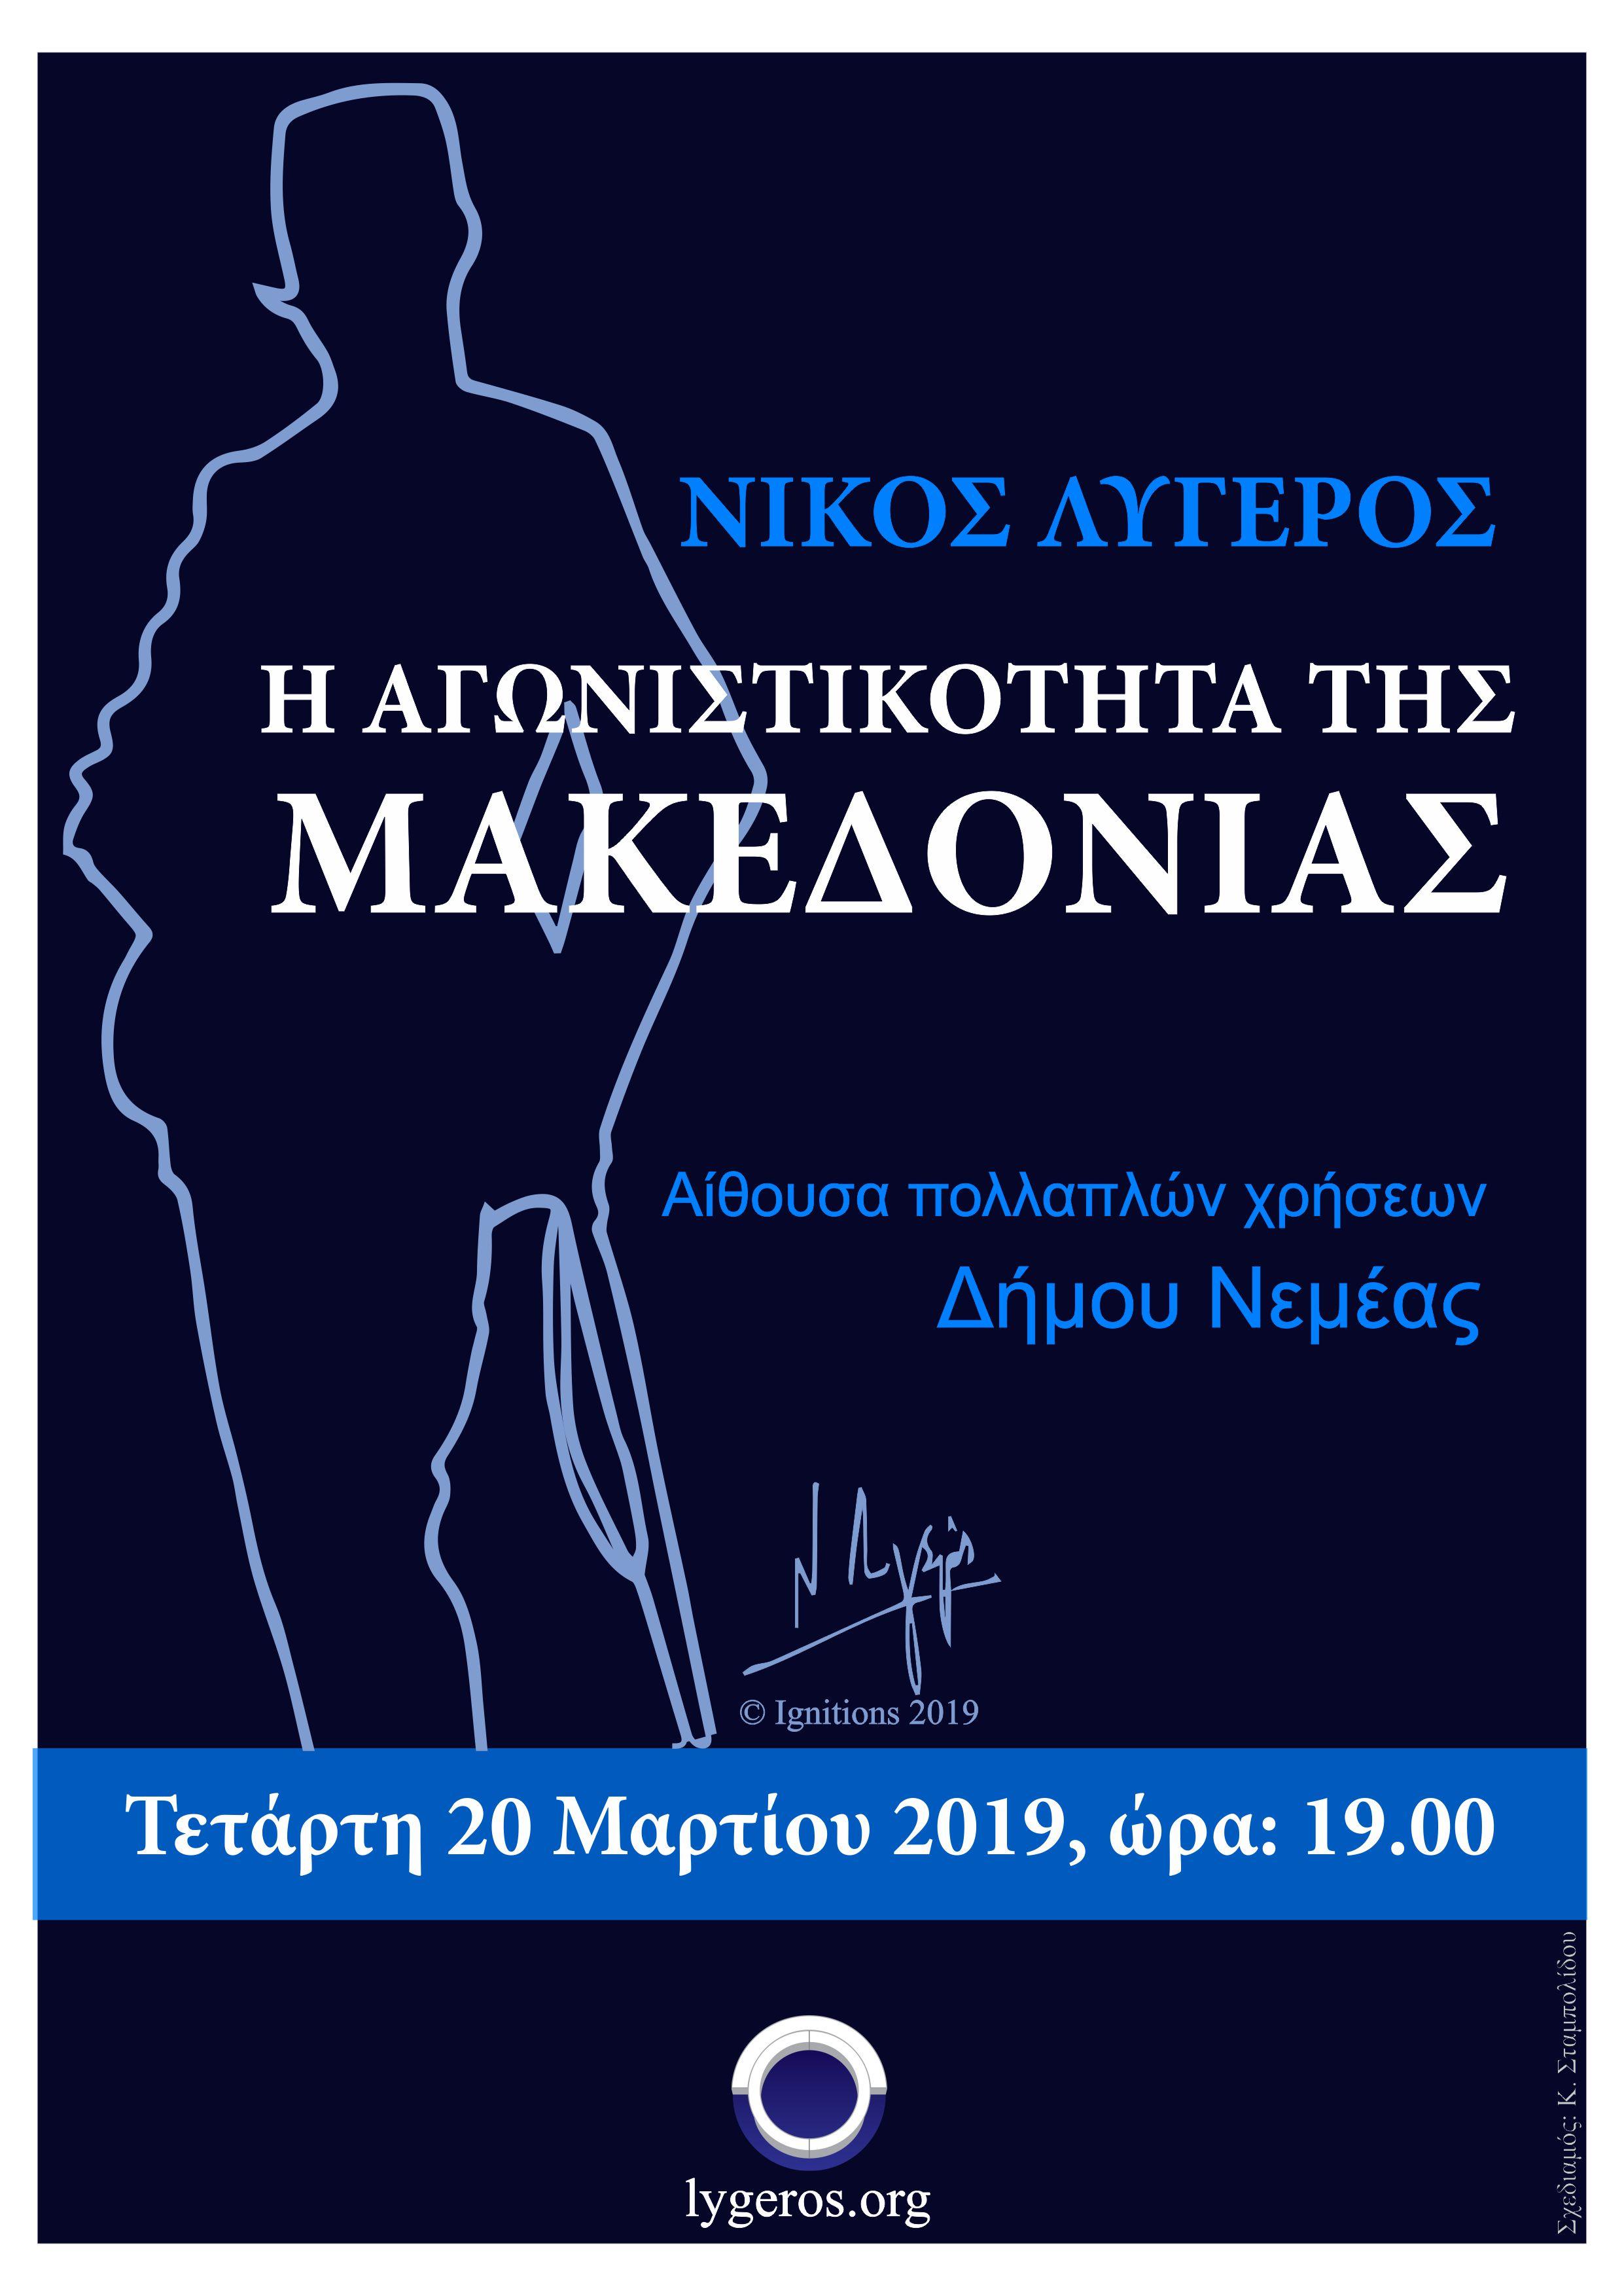 Διάλεξη: Η αγωνιστικότητα της Μακεδονίας